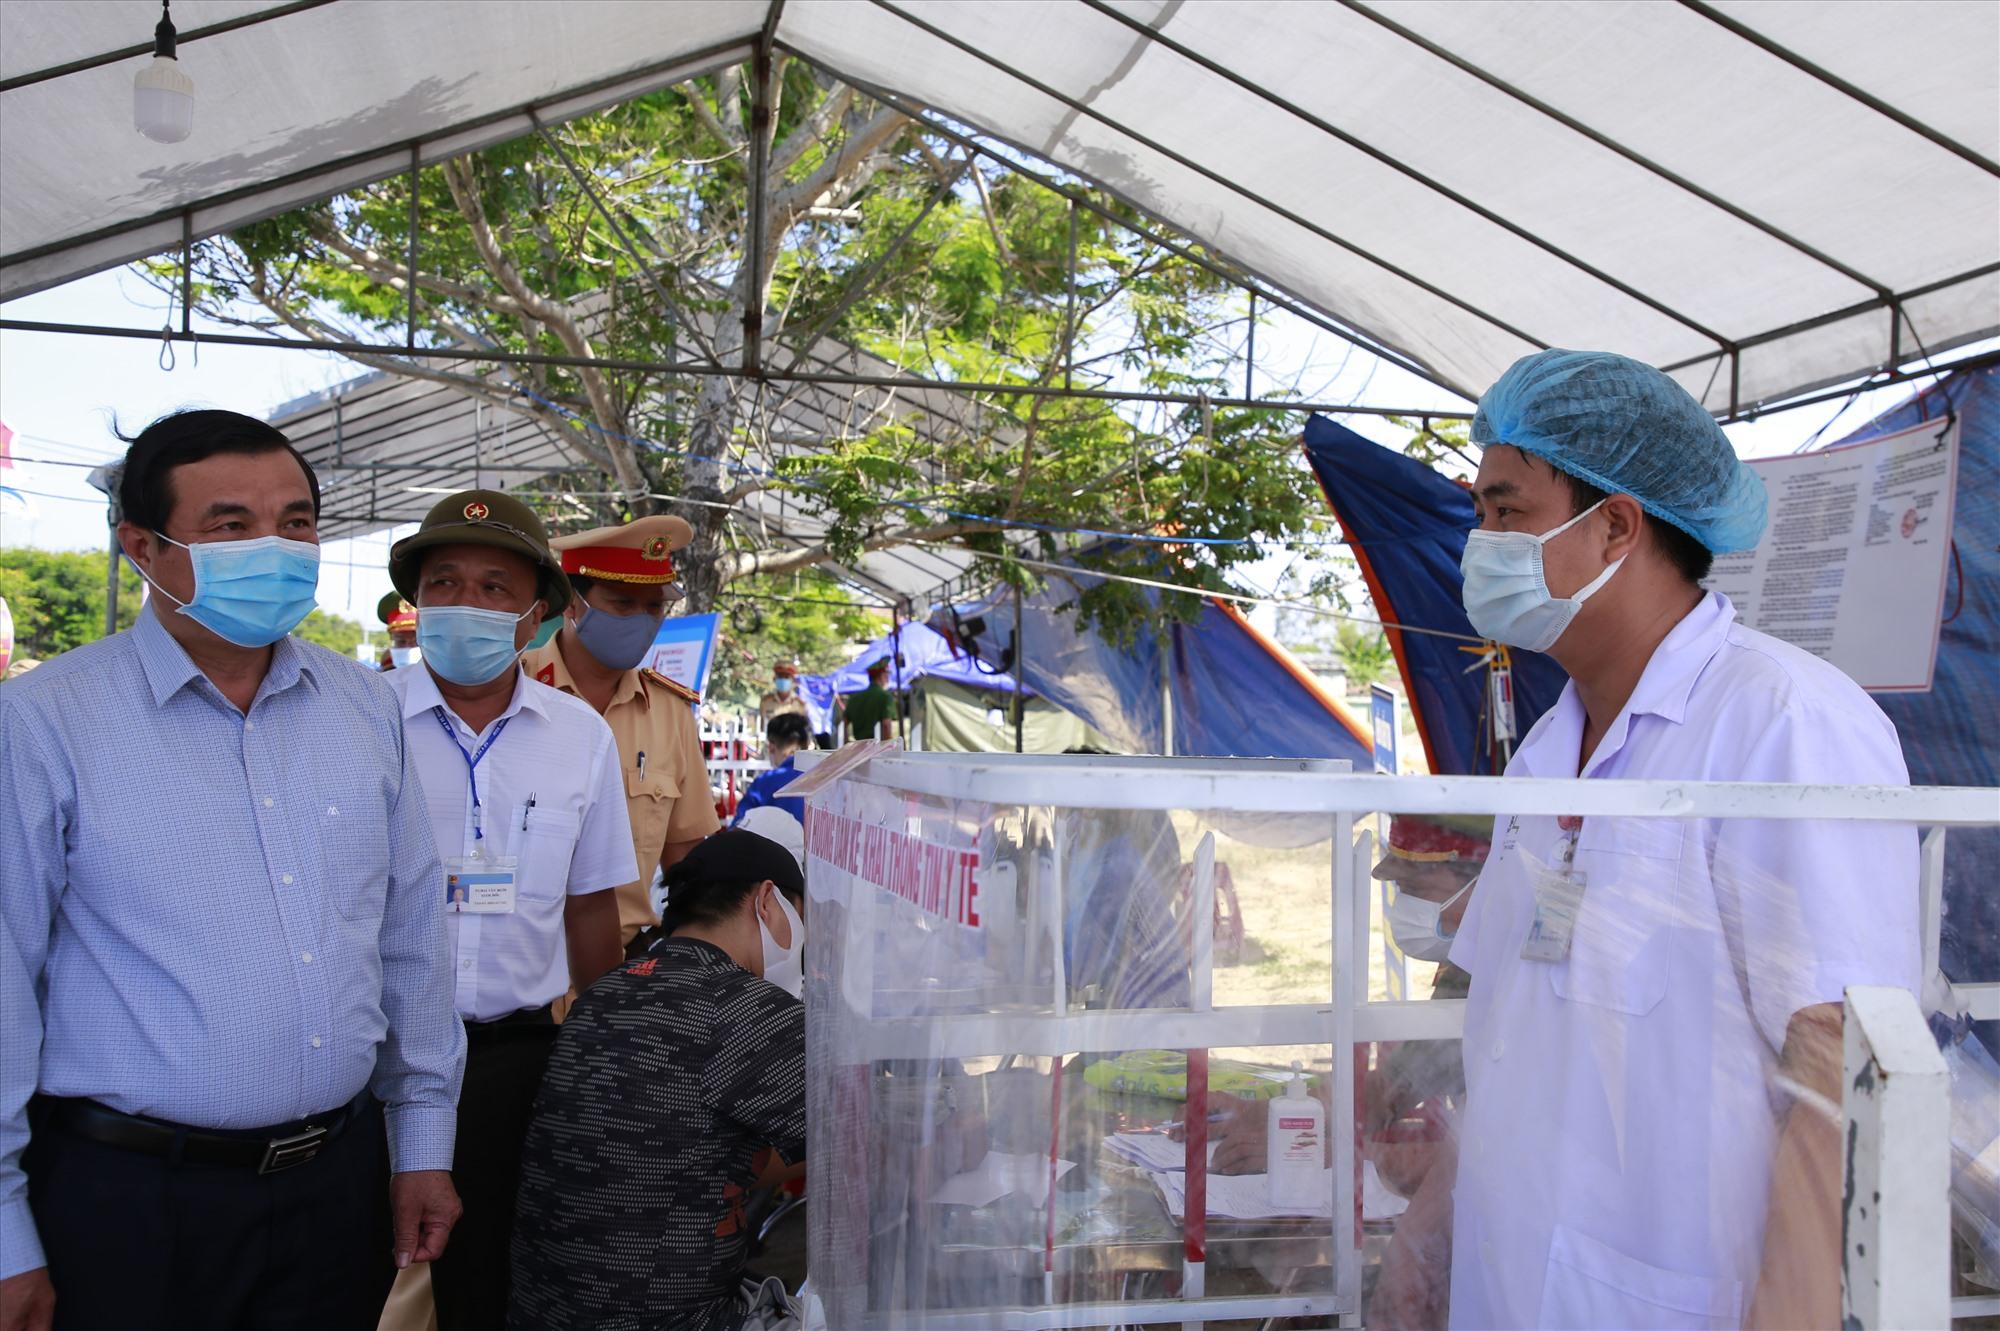 Bí thư Tỉnh ủy Phan Việt Cường thăm hỏi một cán bộ y tế làm nhiệm vụ tại chốt kiểm soát trên tuyến ĐT 603 thuộc thị xã Điện Bàn. Ảnh: T.C